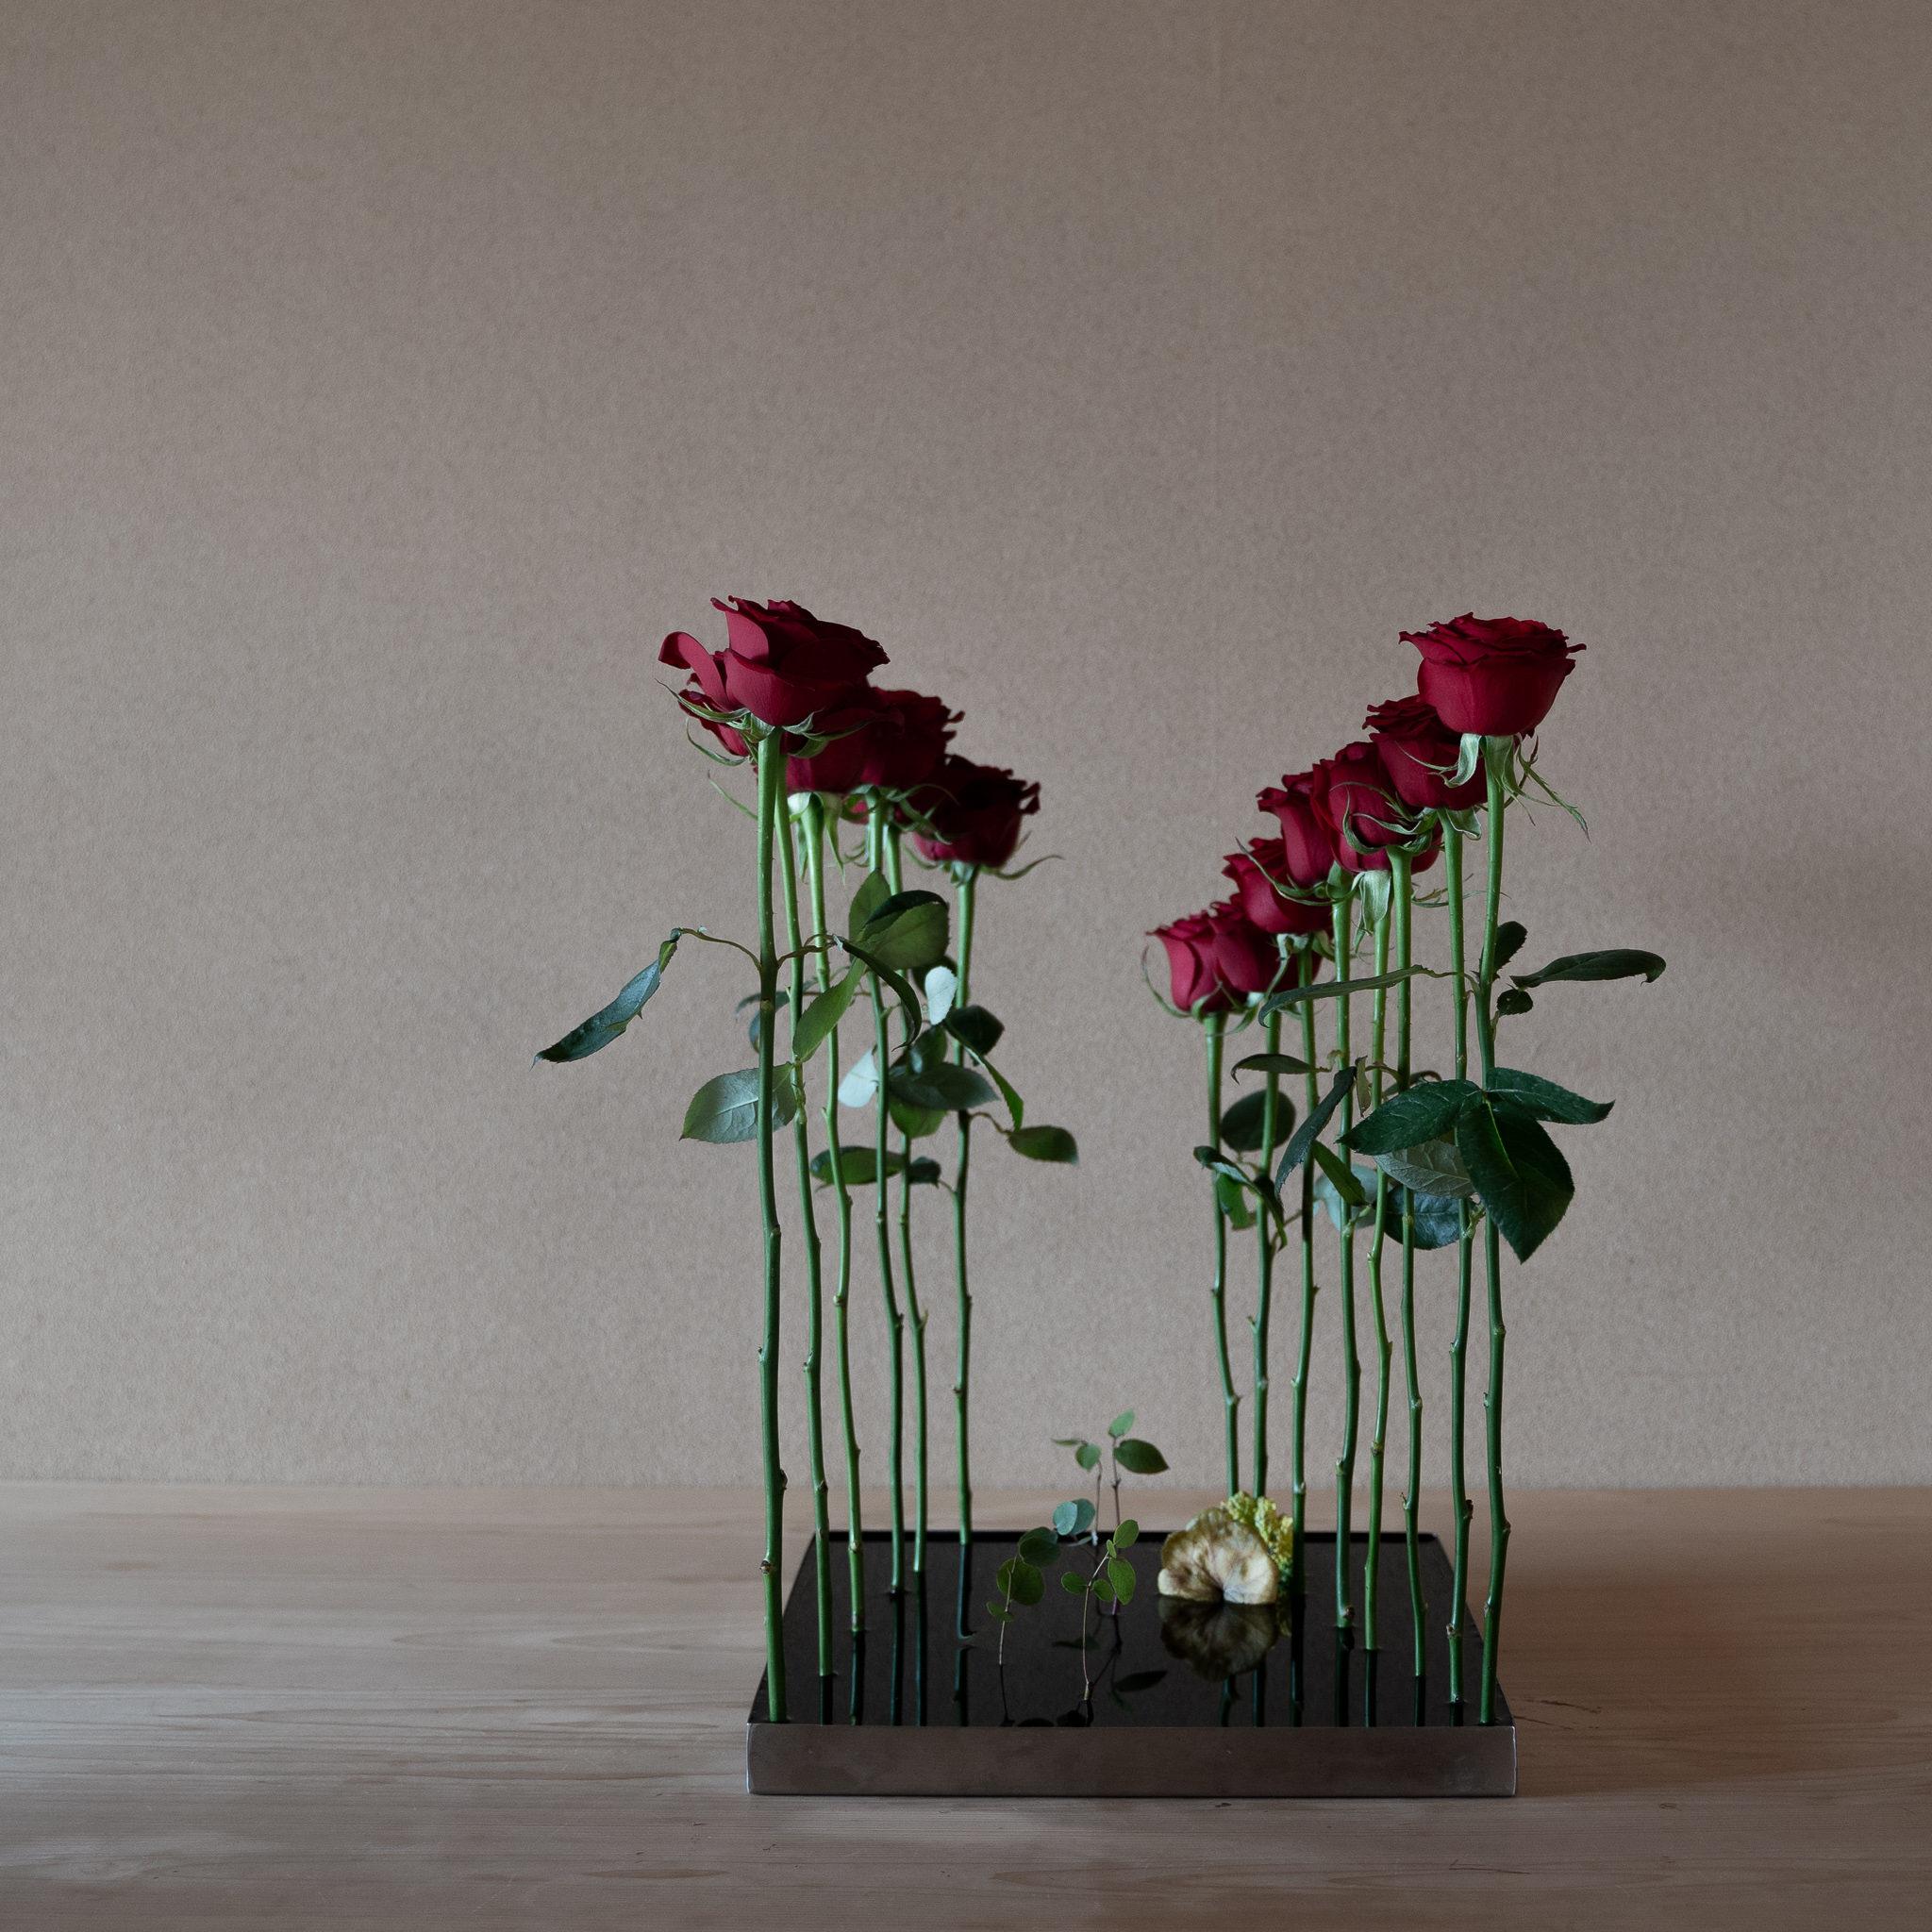 自由花 ばら、ユーカリ、ヒューケラ、菜の花